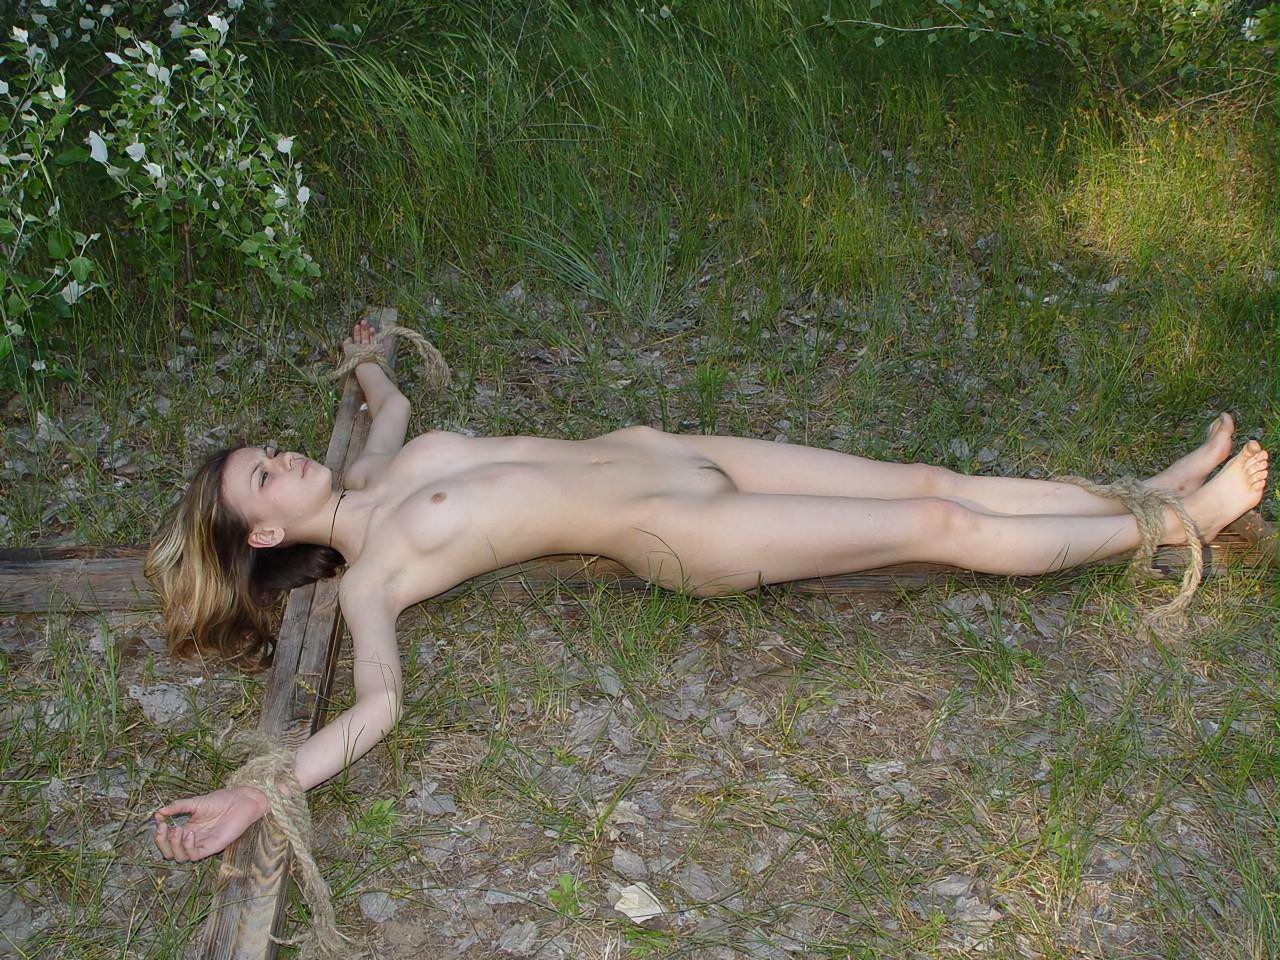 三次元 3次元 エロ画像  野外 露出 羞恥 緊縛 拘束 べっぴん娘通信 21